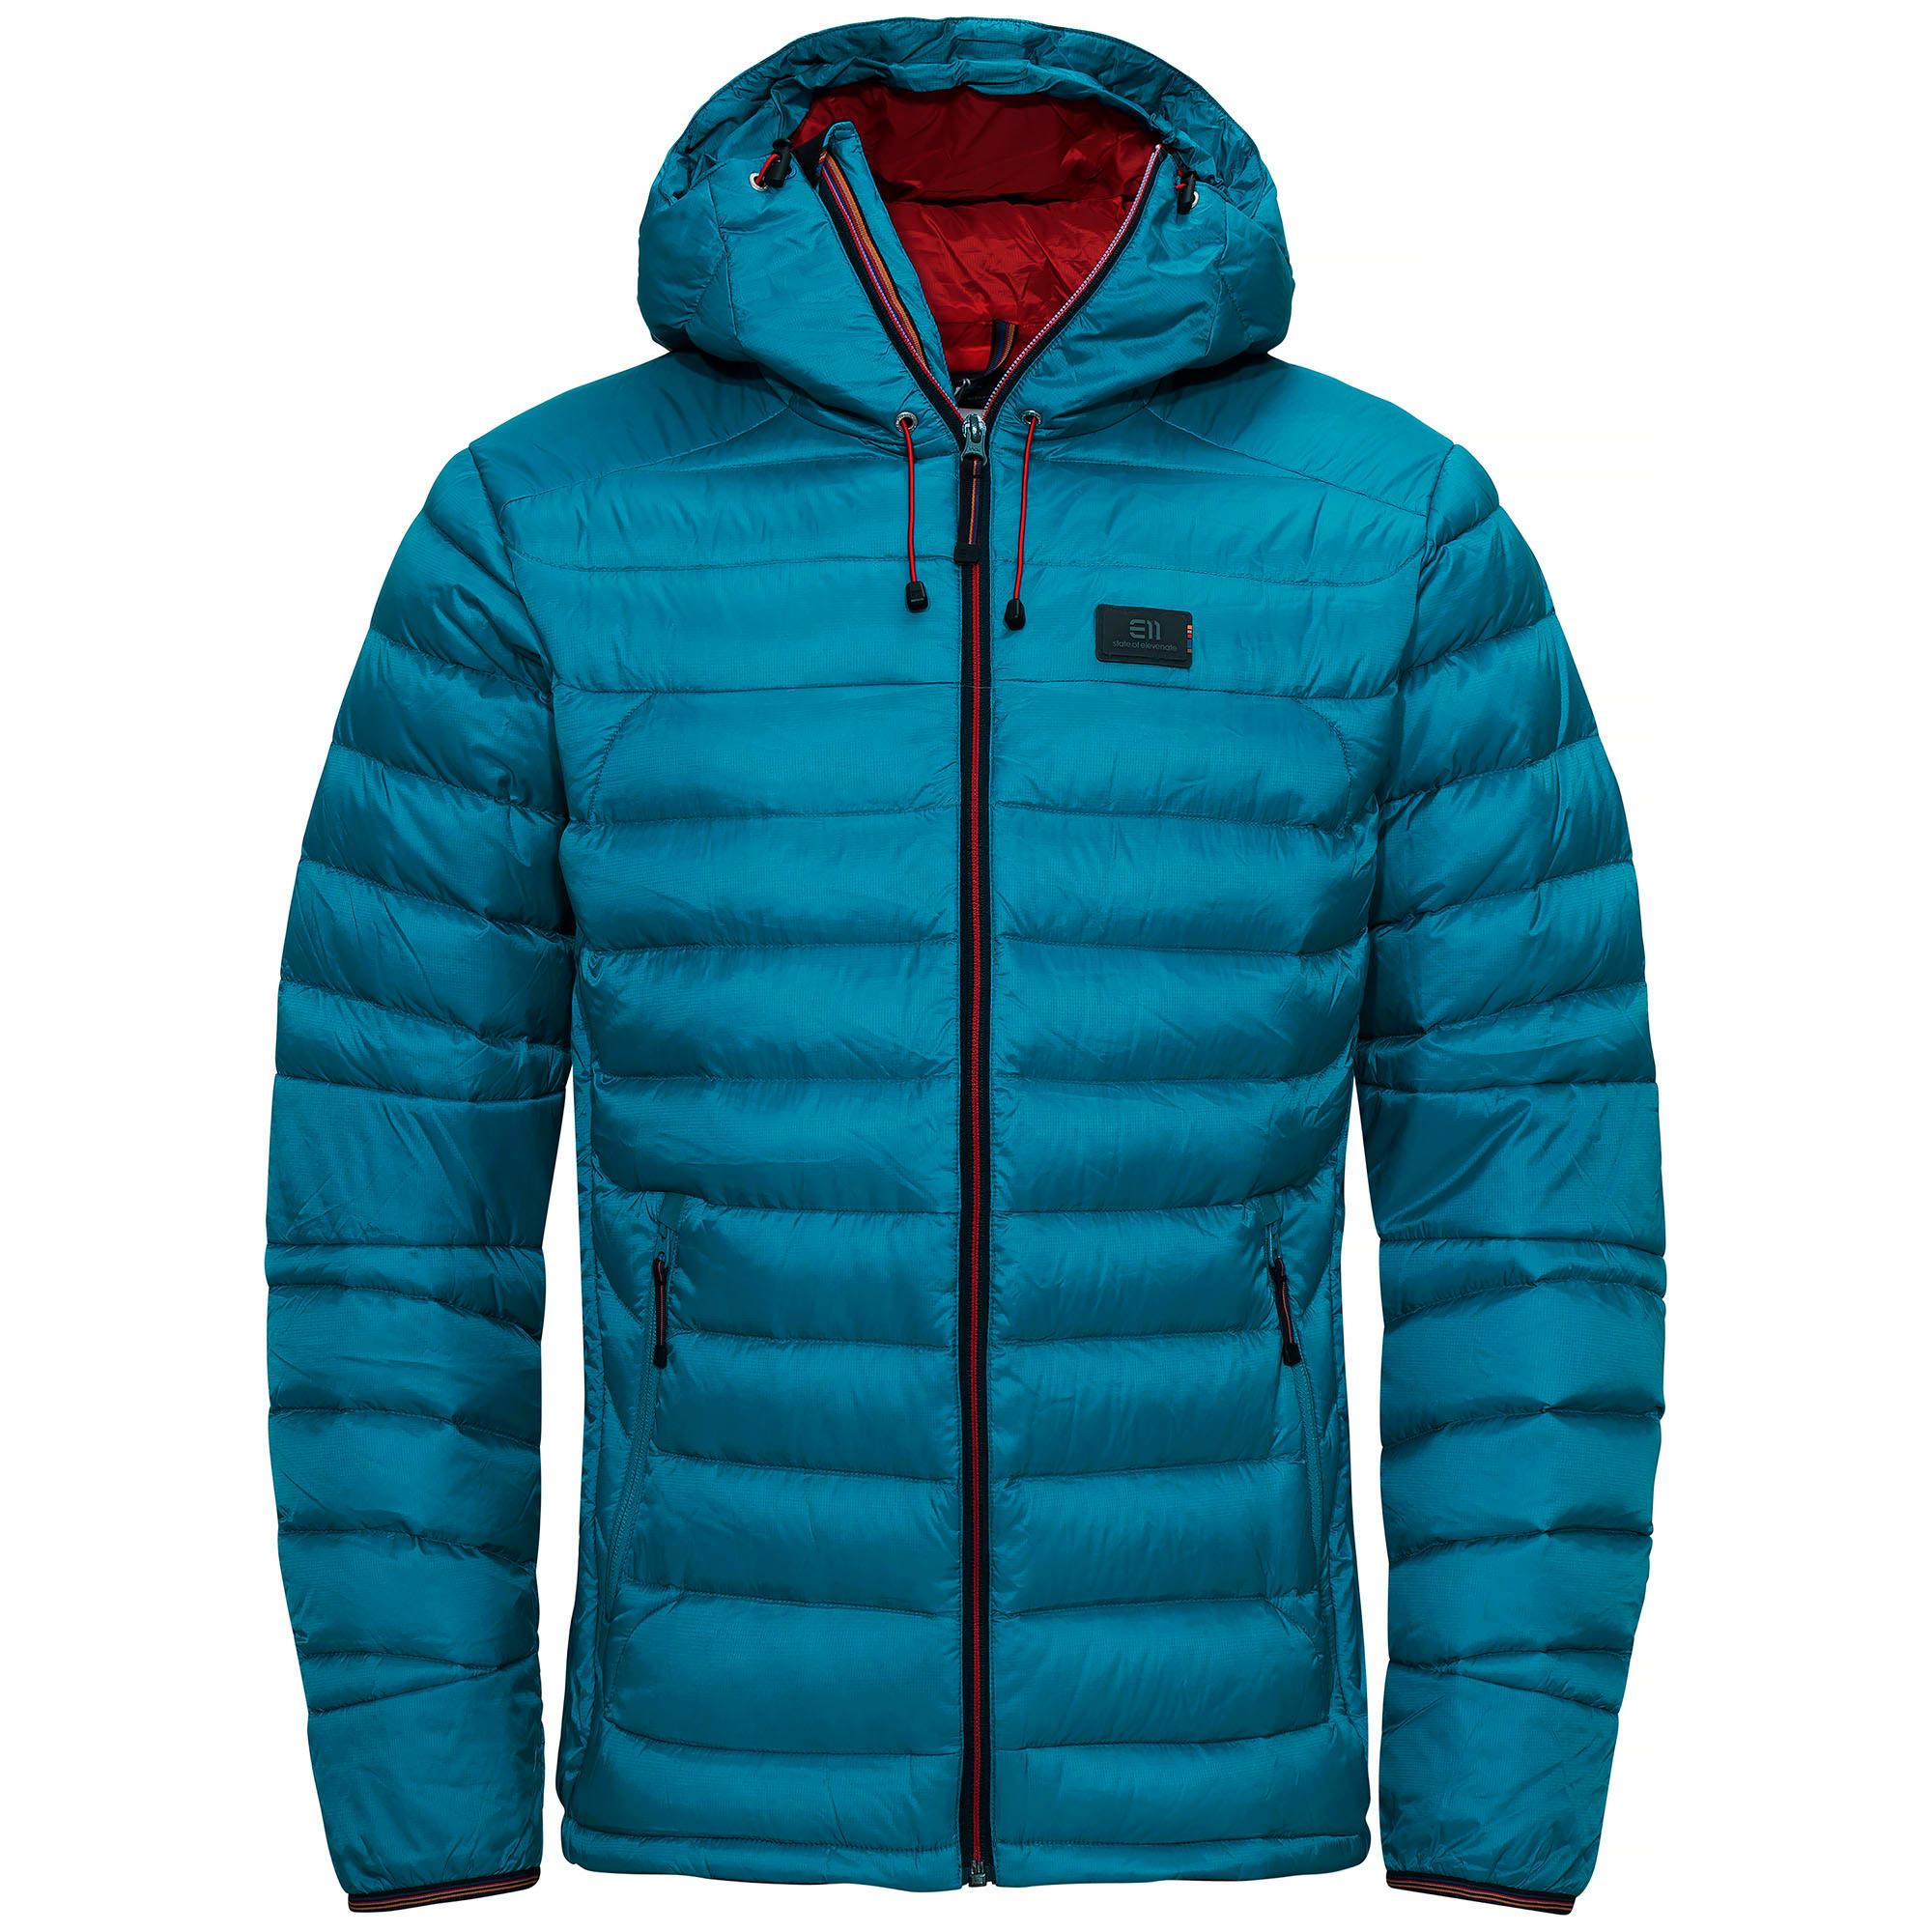 Kjøp Elevenate Men´s Agile Jacket fra Outnorth